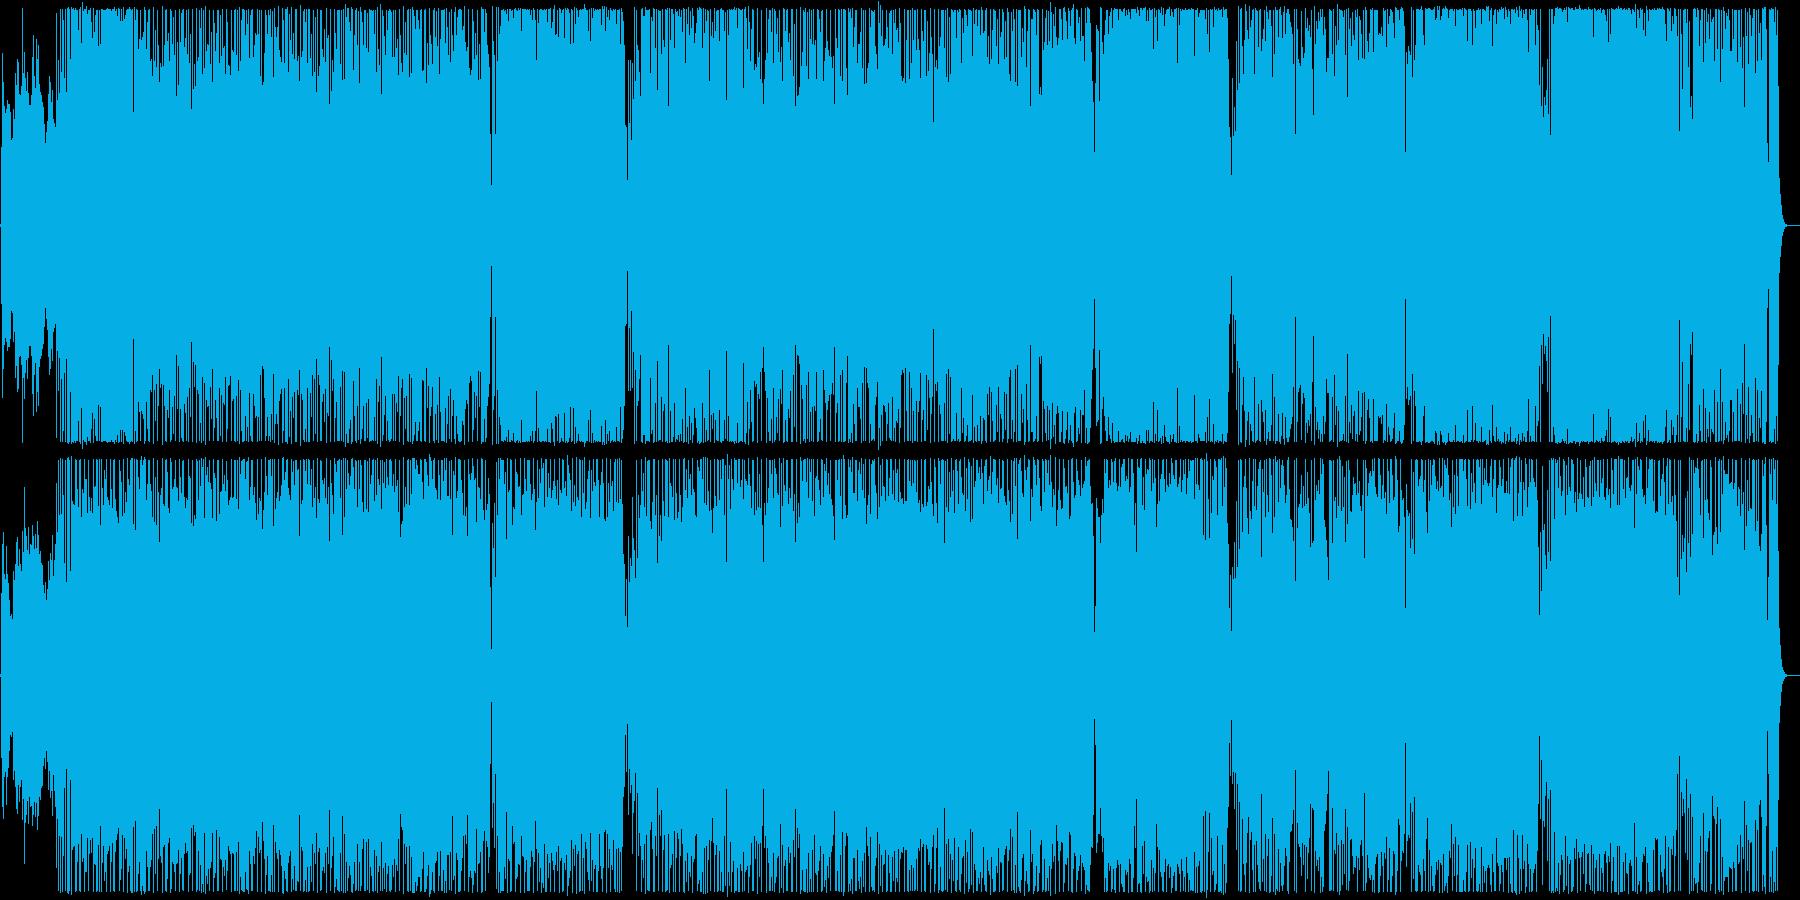 明るい旋律が印象的なインストのポップスの再生済みの波形